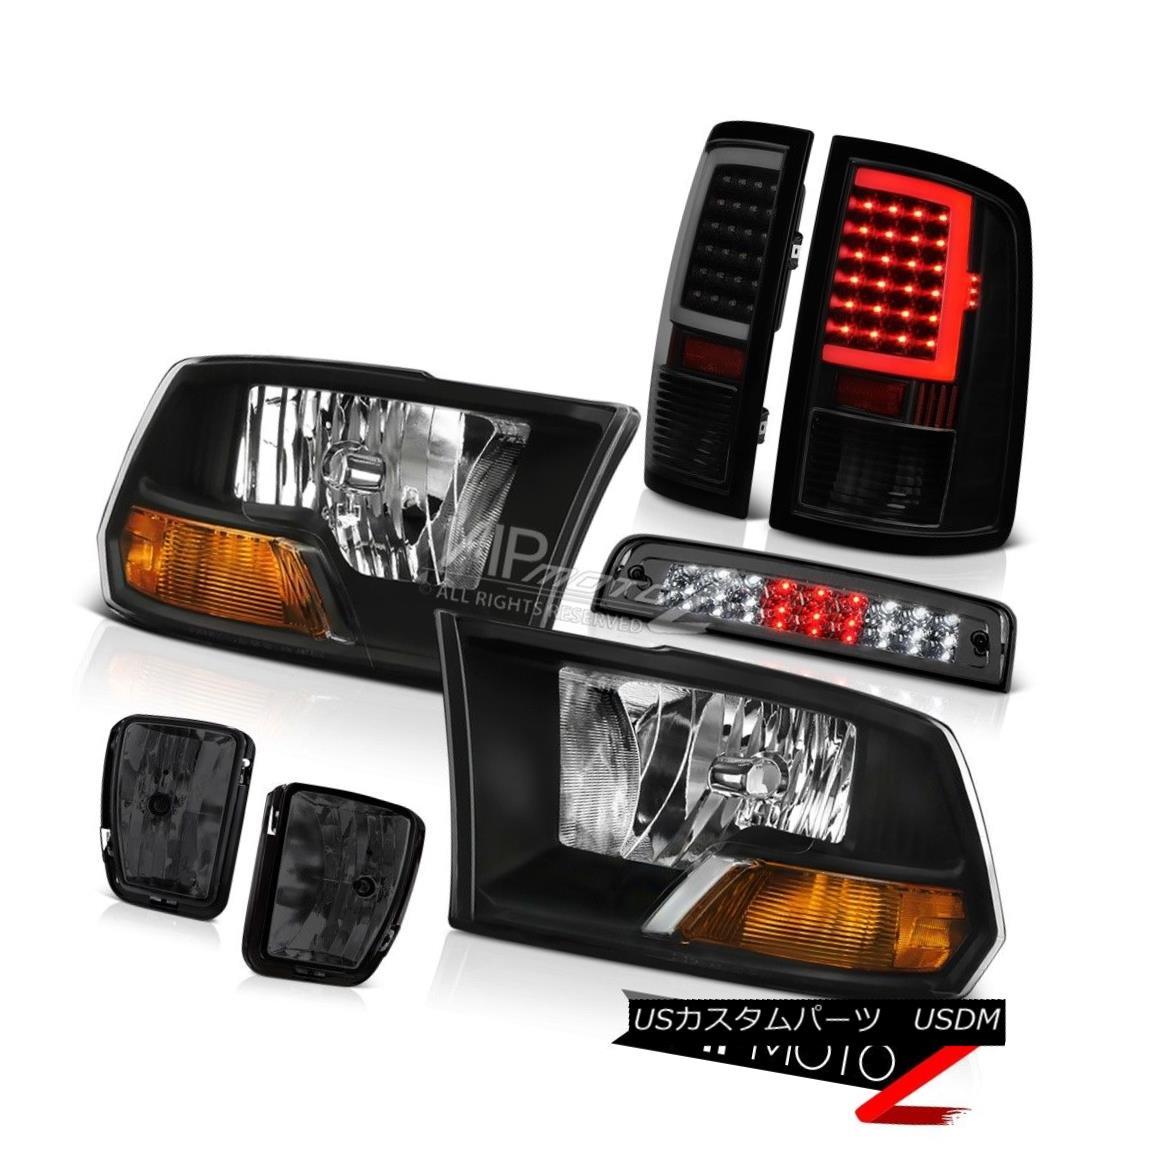 ヘッドライト 2013-2017 Dodge RAM 1500 Tail Lamp Fog Brake Light Factory Style Headlight PAIR 2013-2017 Dodge RAM 1500テールランプフォグブレーキライト工場スタイルヘッドライトペア